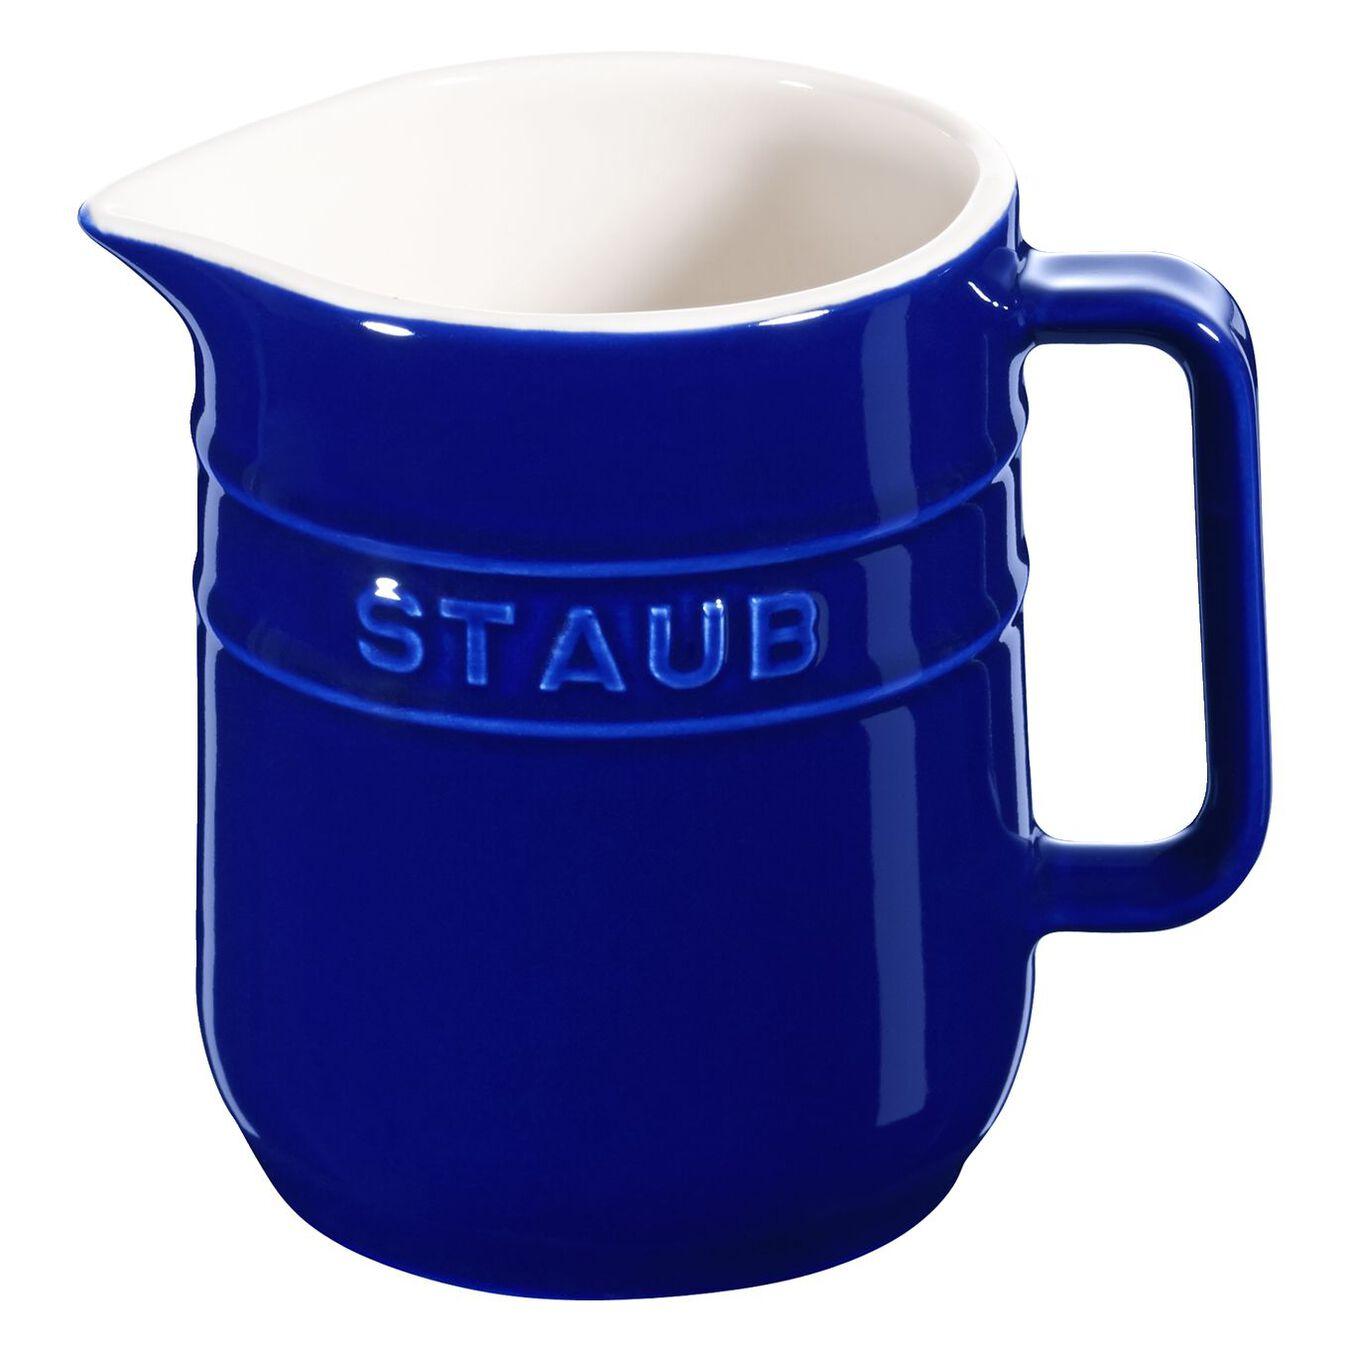 Krug 250 ml, Keramik,,large 1